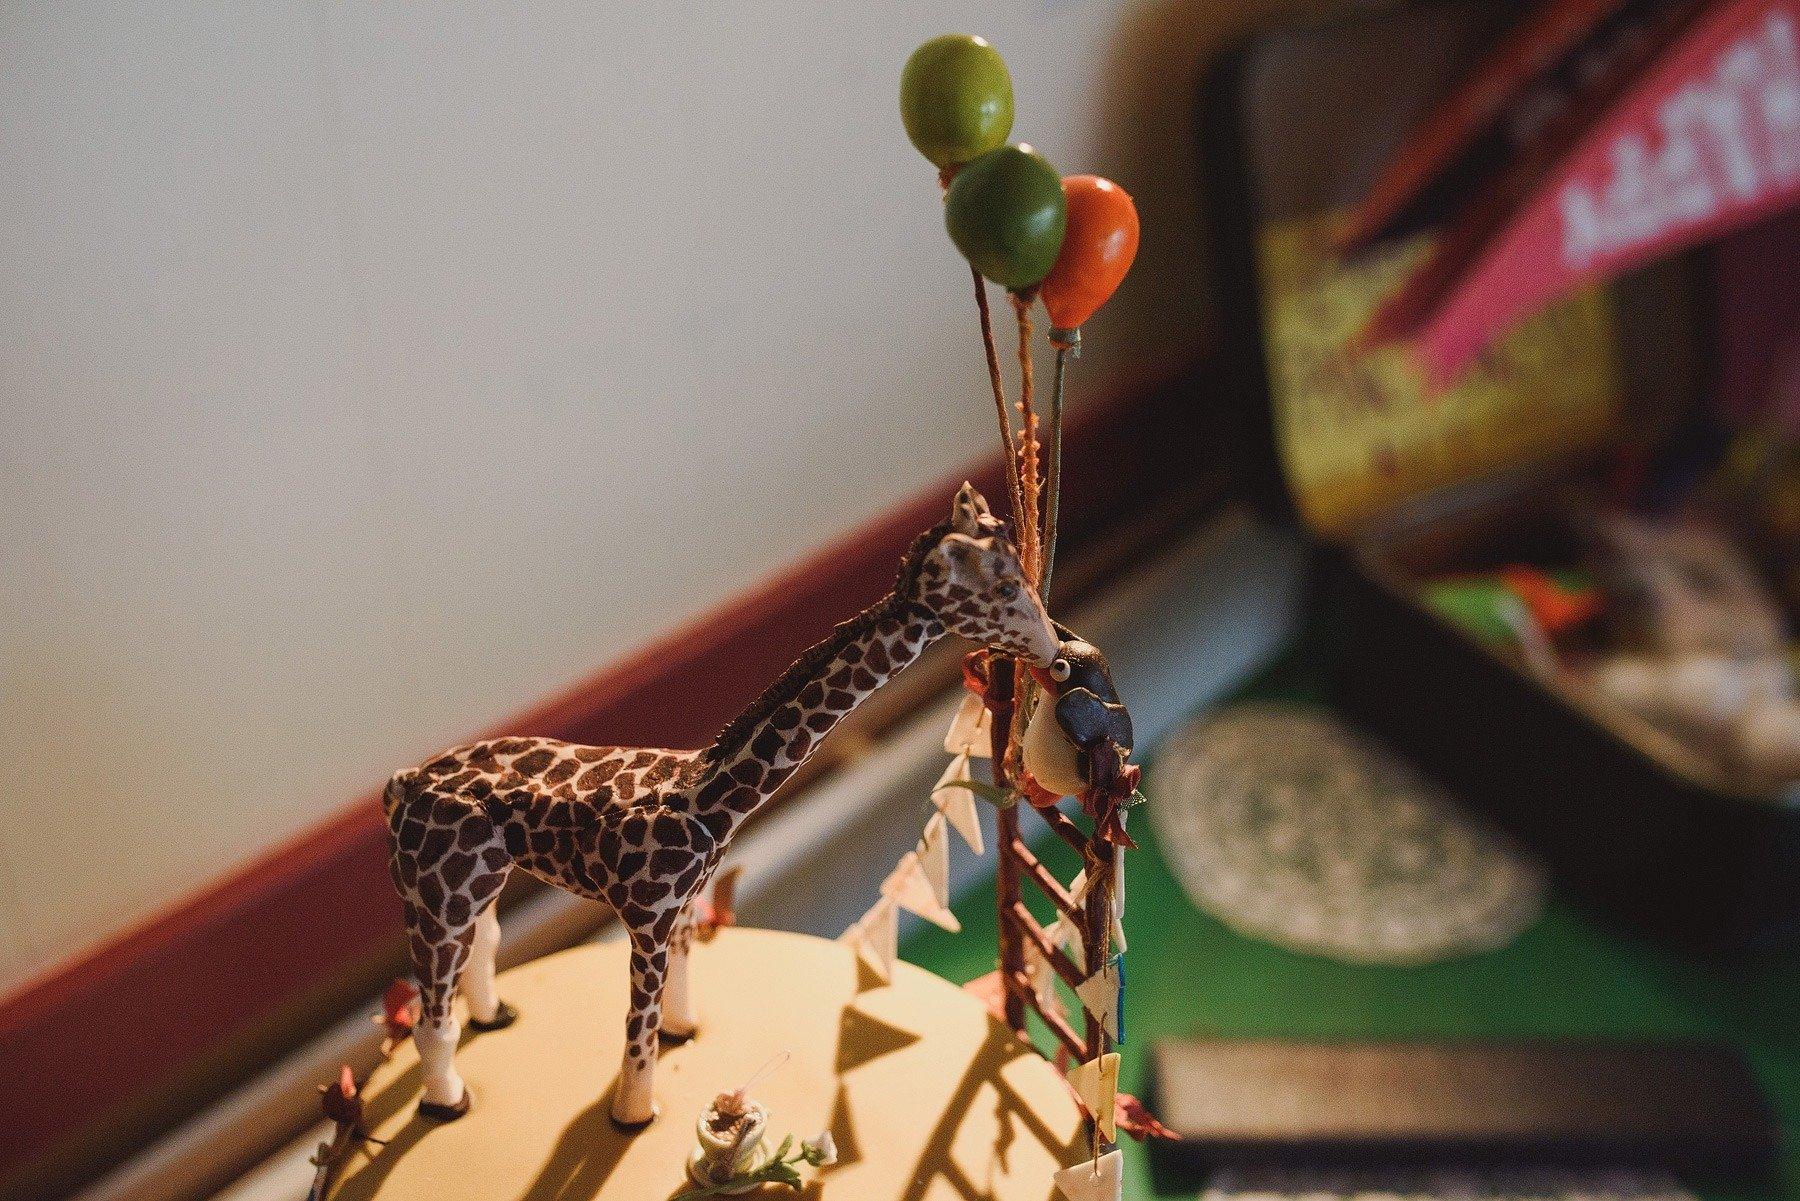 giraffe and penguin wedding cake